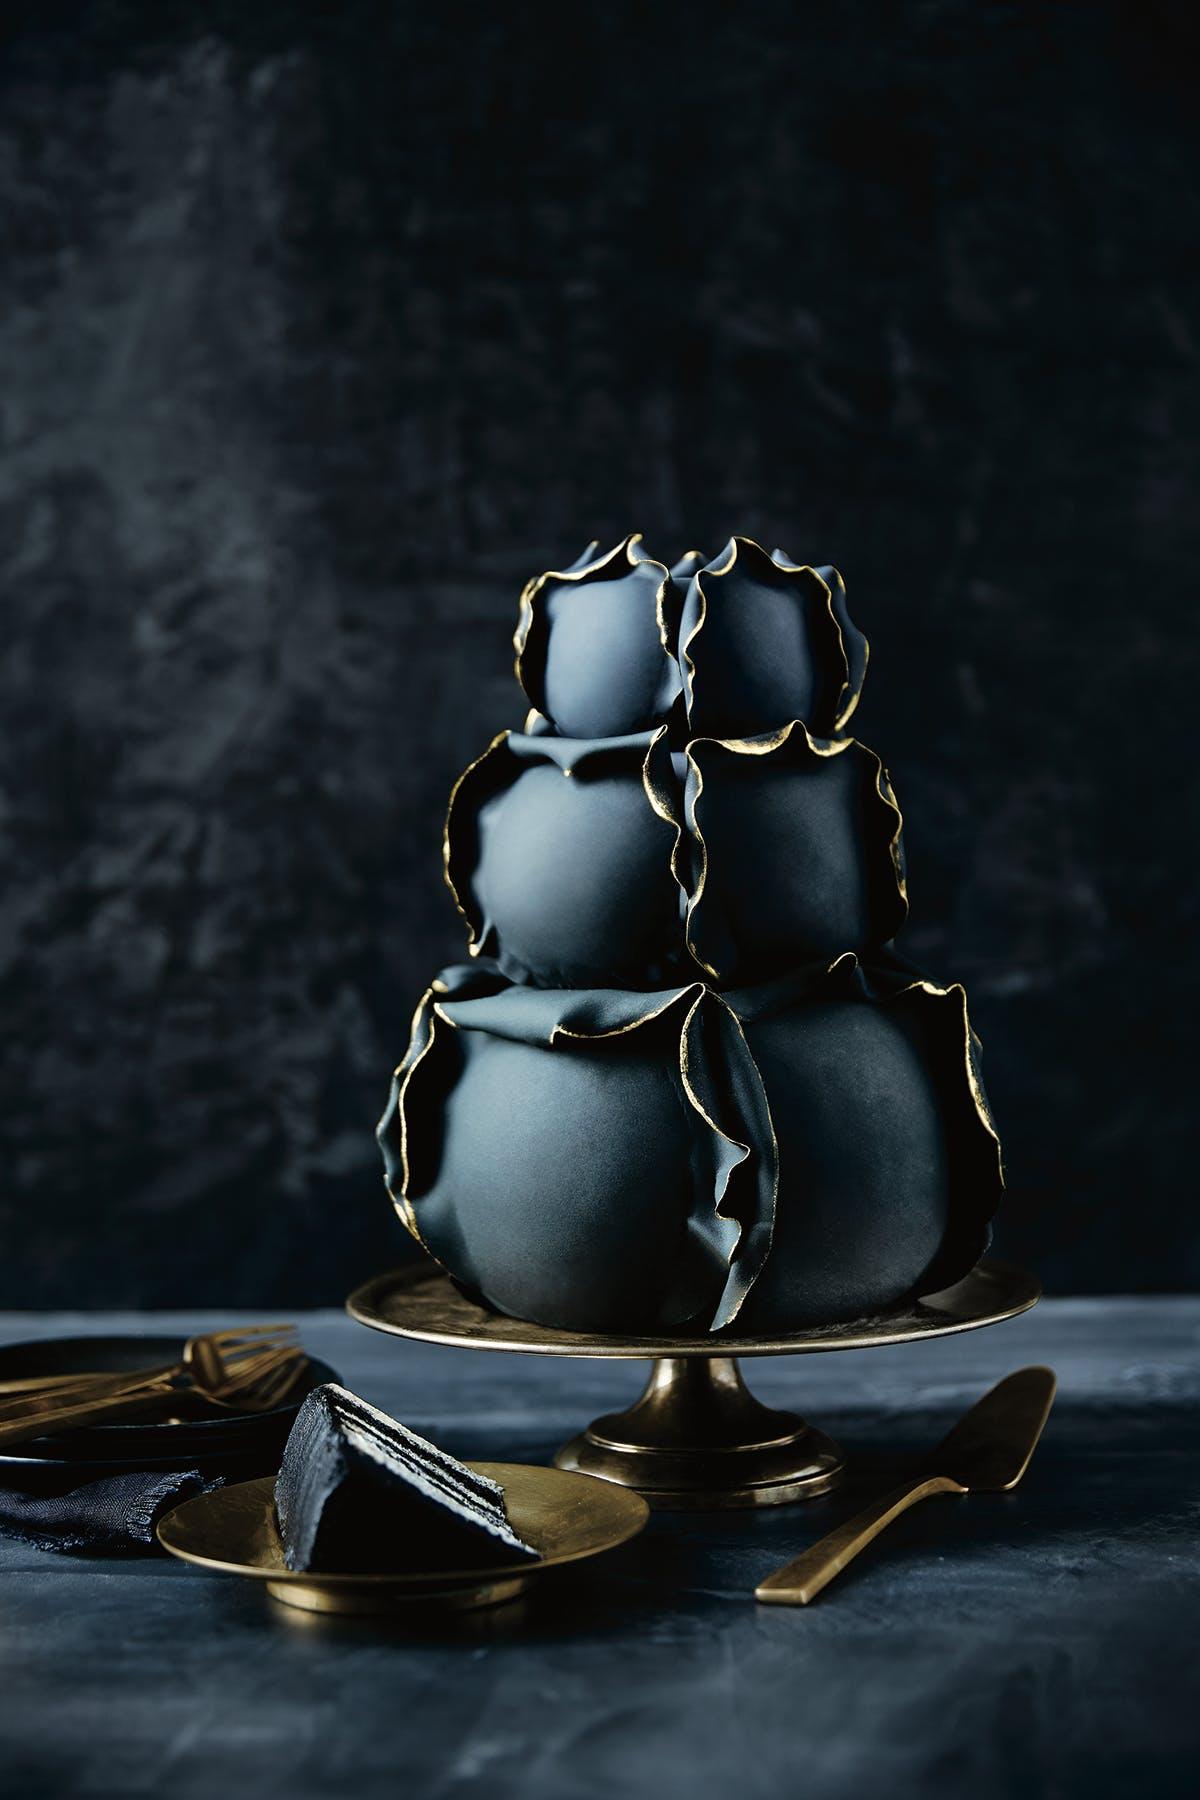 cake-sculpture-photocredit_johnny-miller.jpg